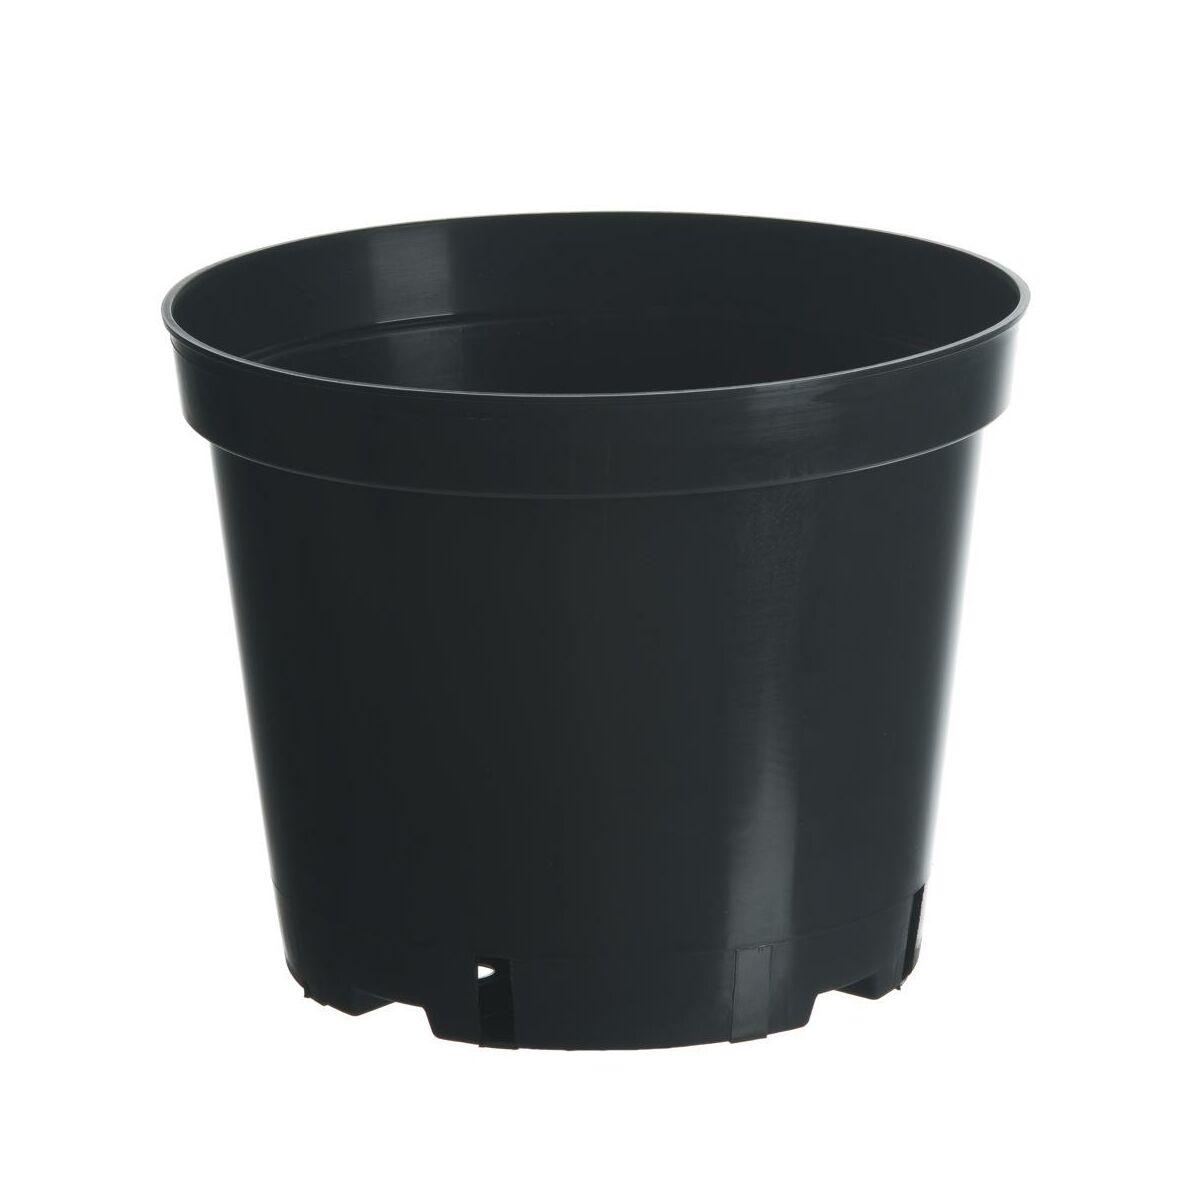 Doniczka Plastikowa 32 Cm Czarna 15 0 L Doniczki W Atrakcyjnej Cenie W Sklepach Leroy Merlin